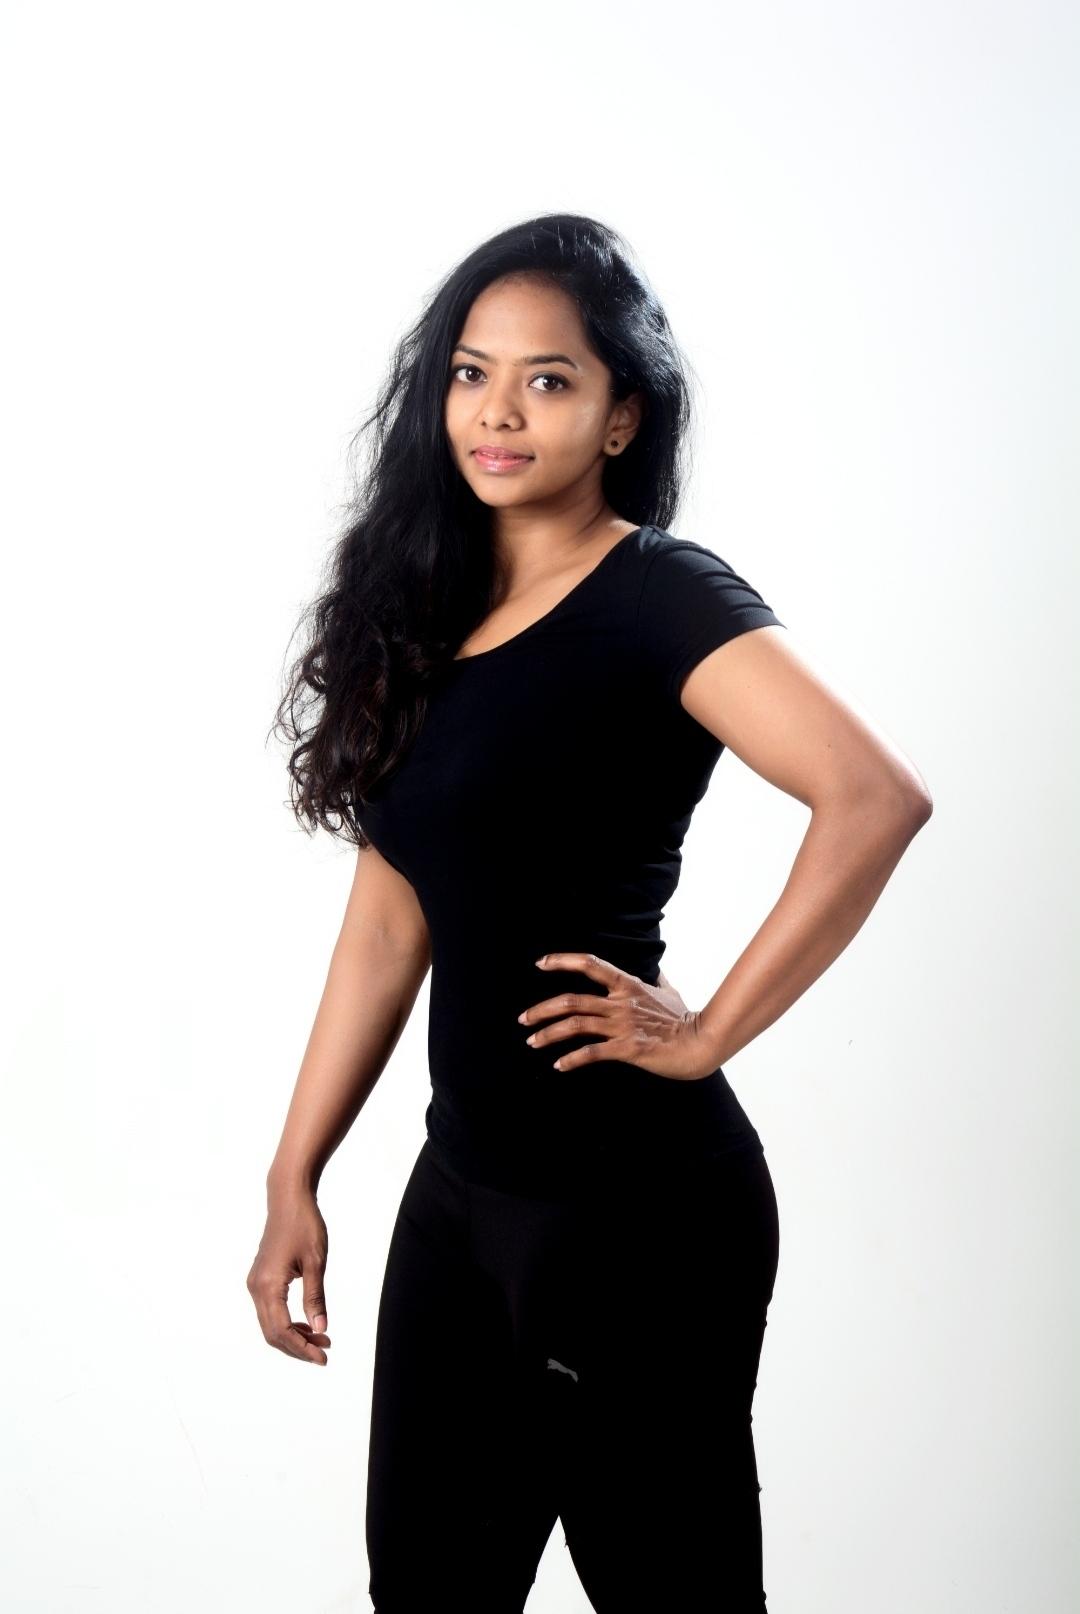 Christina Prakash